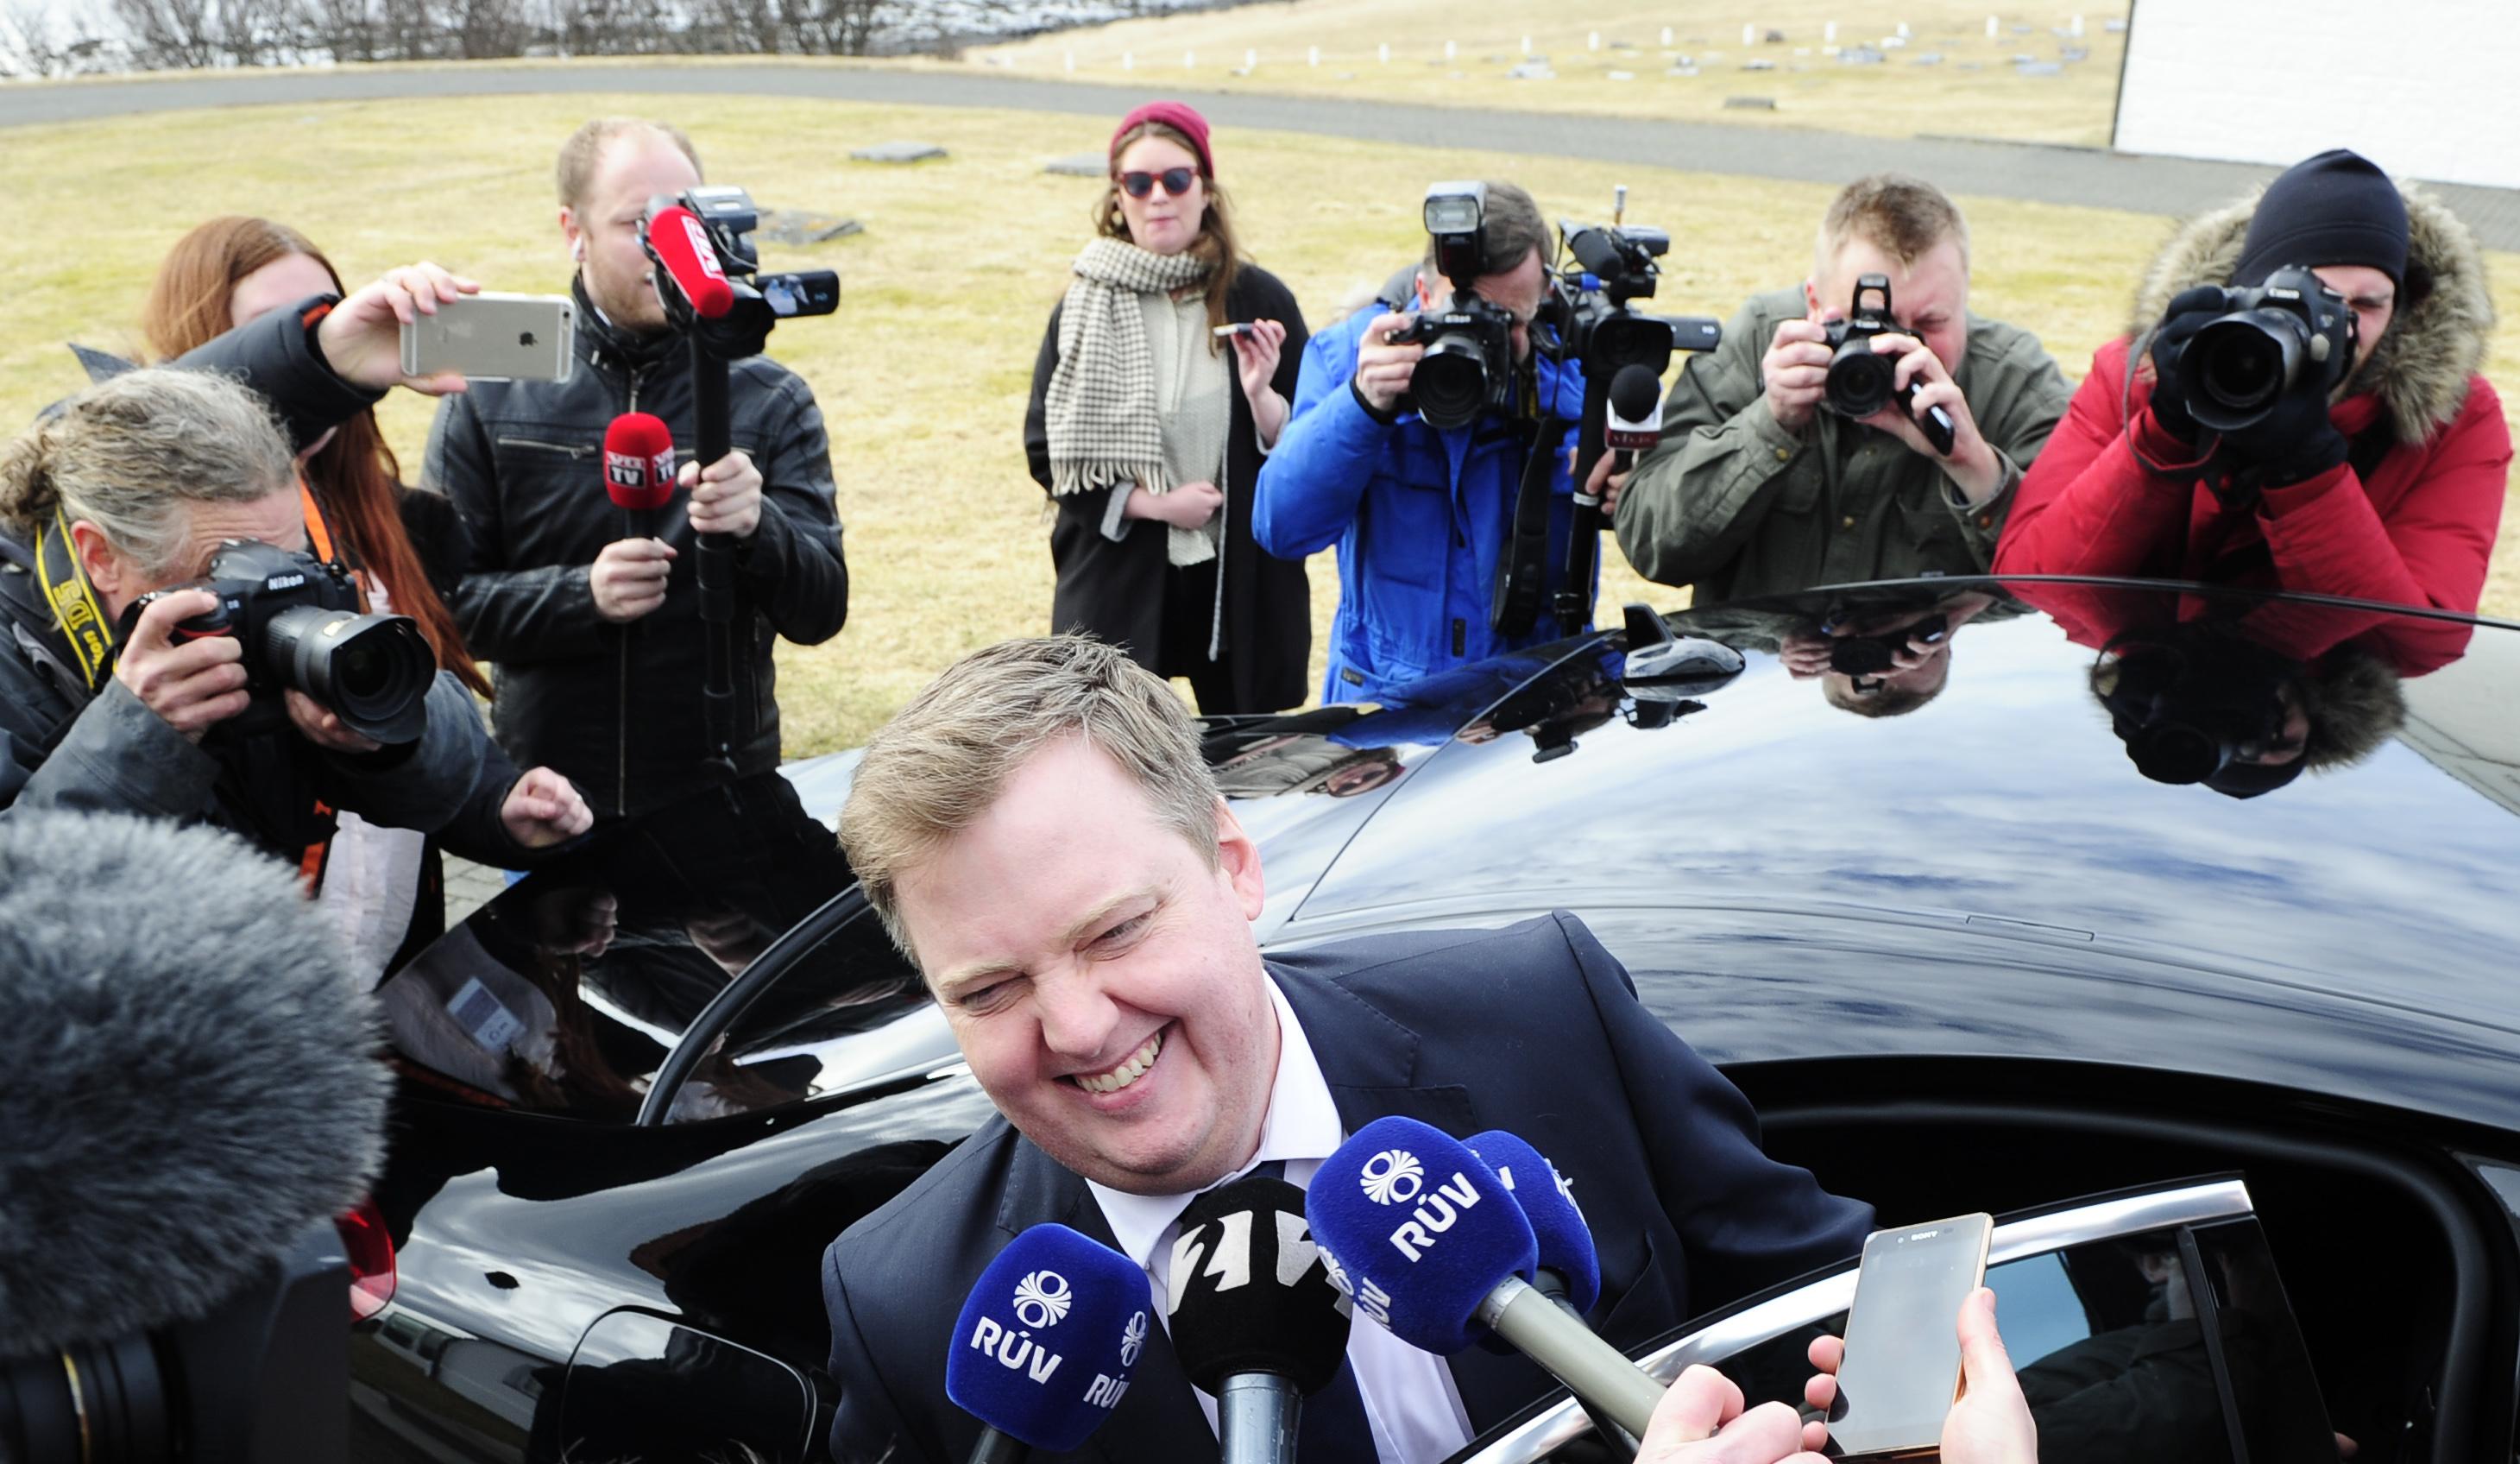 Iceland's Prime Minister Gunnlaugsson speaks to media outside Iceland president's residence in Reykjavik